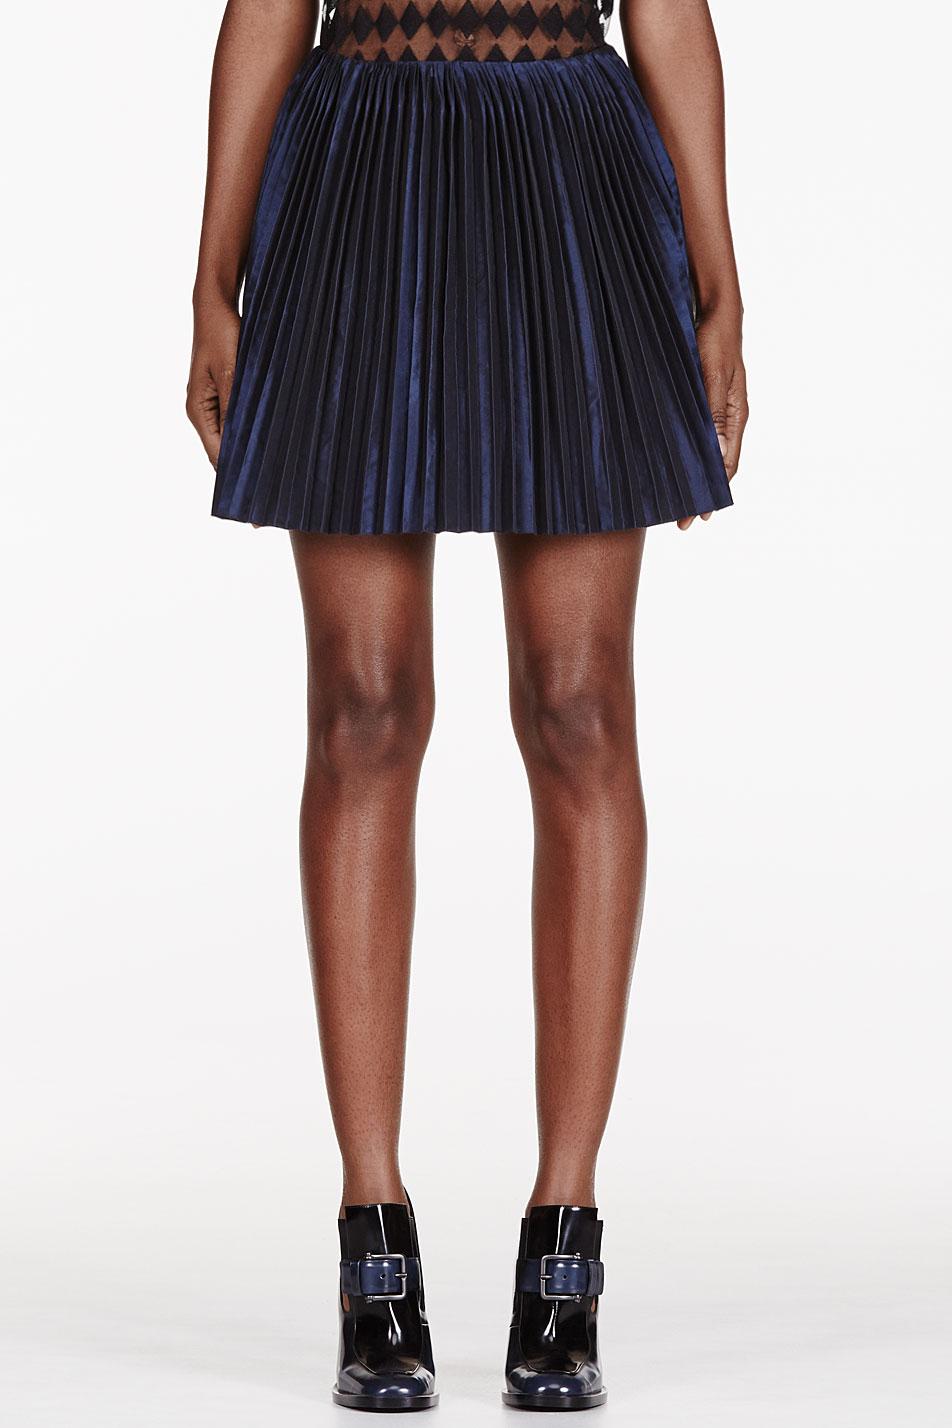 maiyet navy stiff pleat short skirt